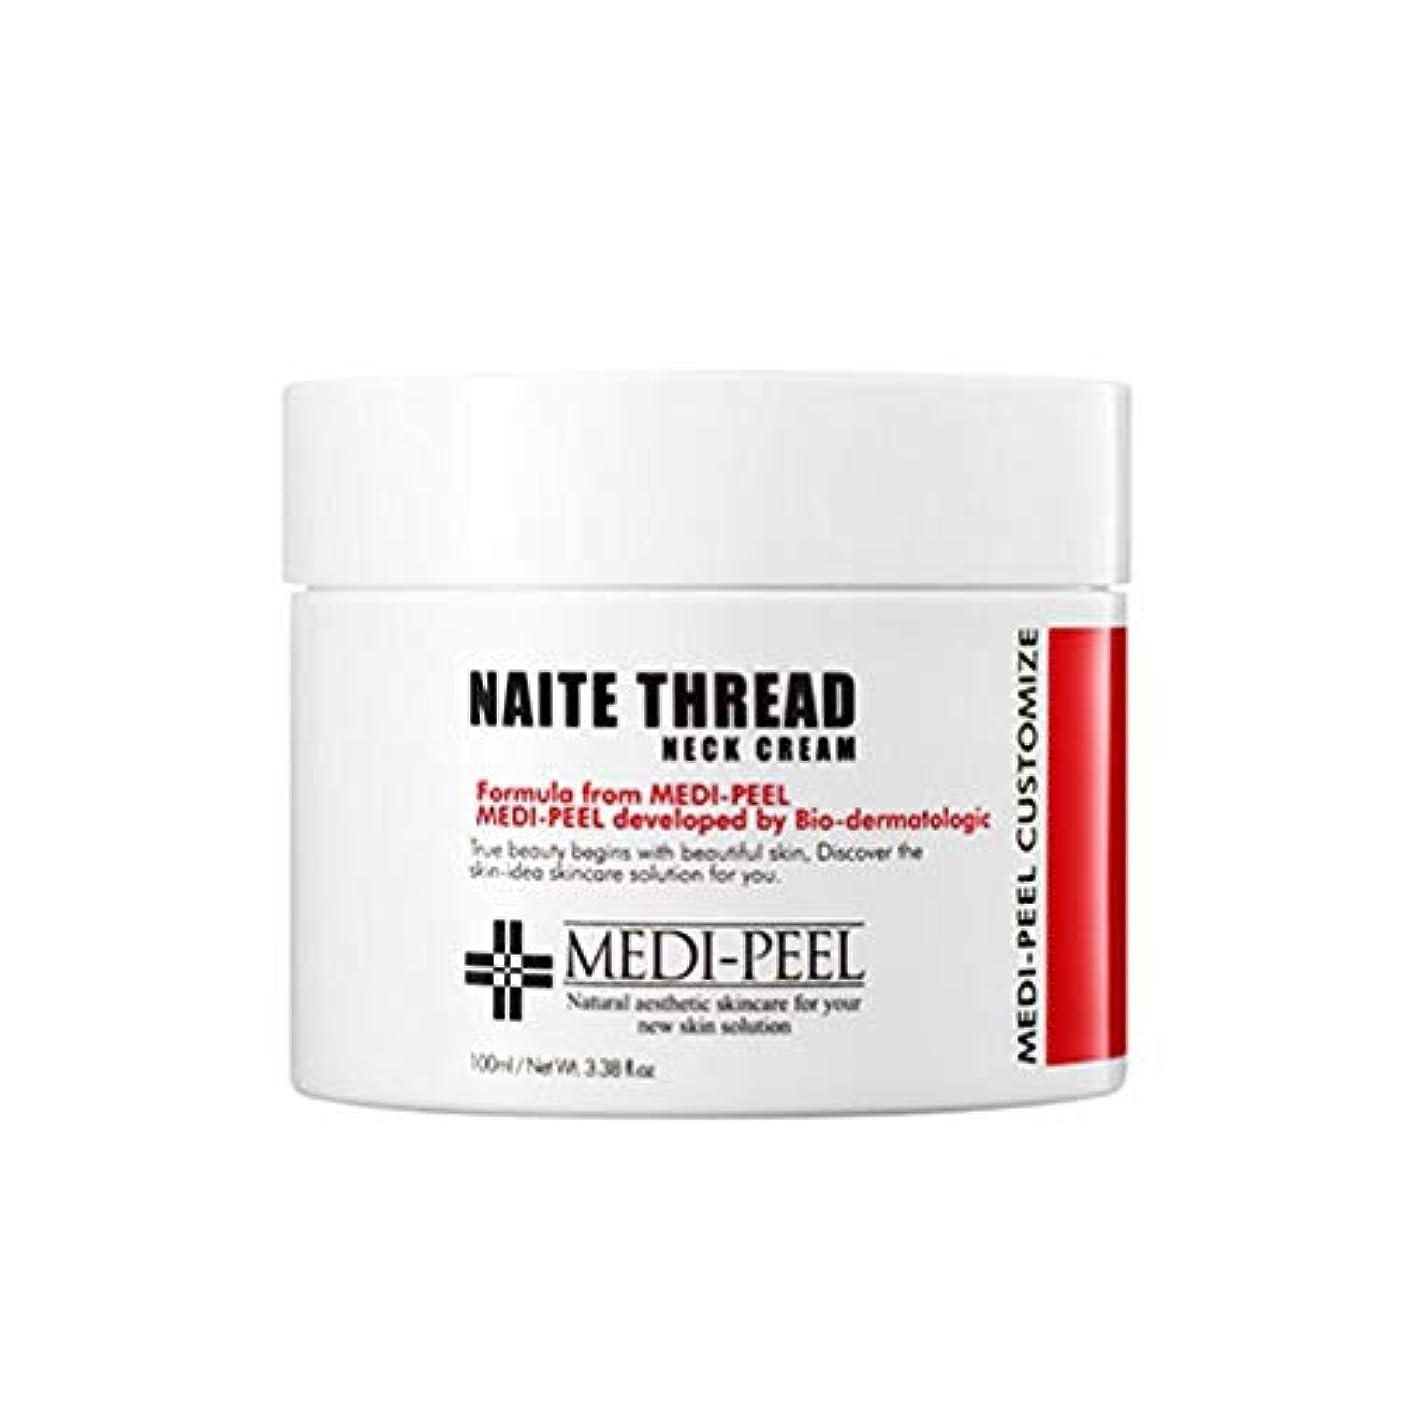 起業家スカリーマイコンメディ?フィルナイテ糸ネッククリーム100ml 首のしわのケア韓国コスメ、Medi-Peel Naite Thread Neck Cream 100ml Korean Cosmetics [並行輸入品]